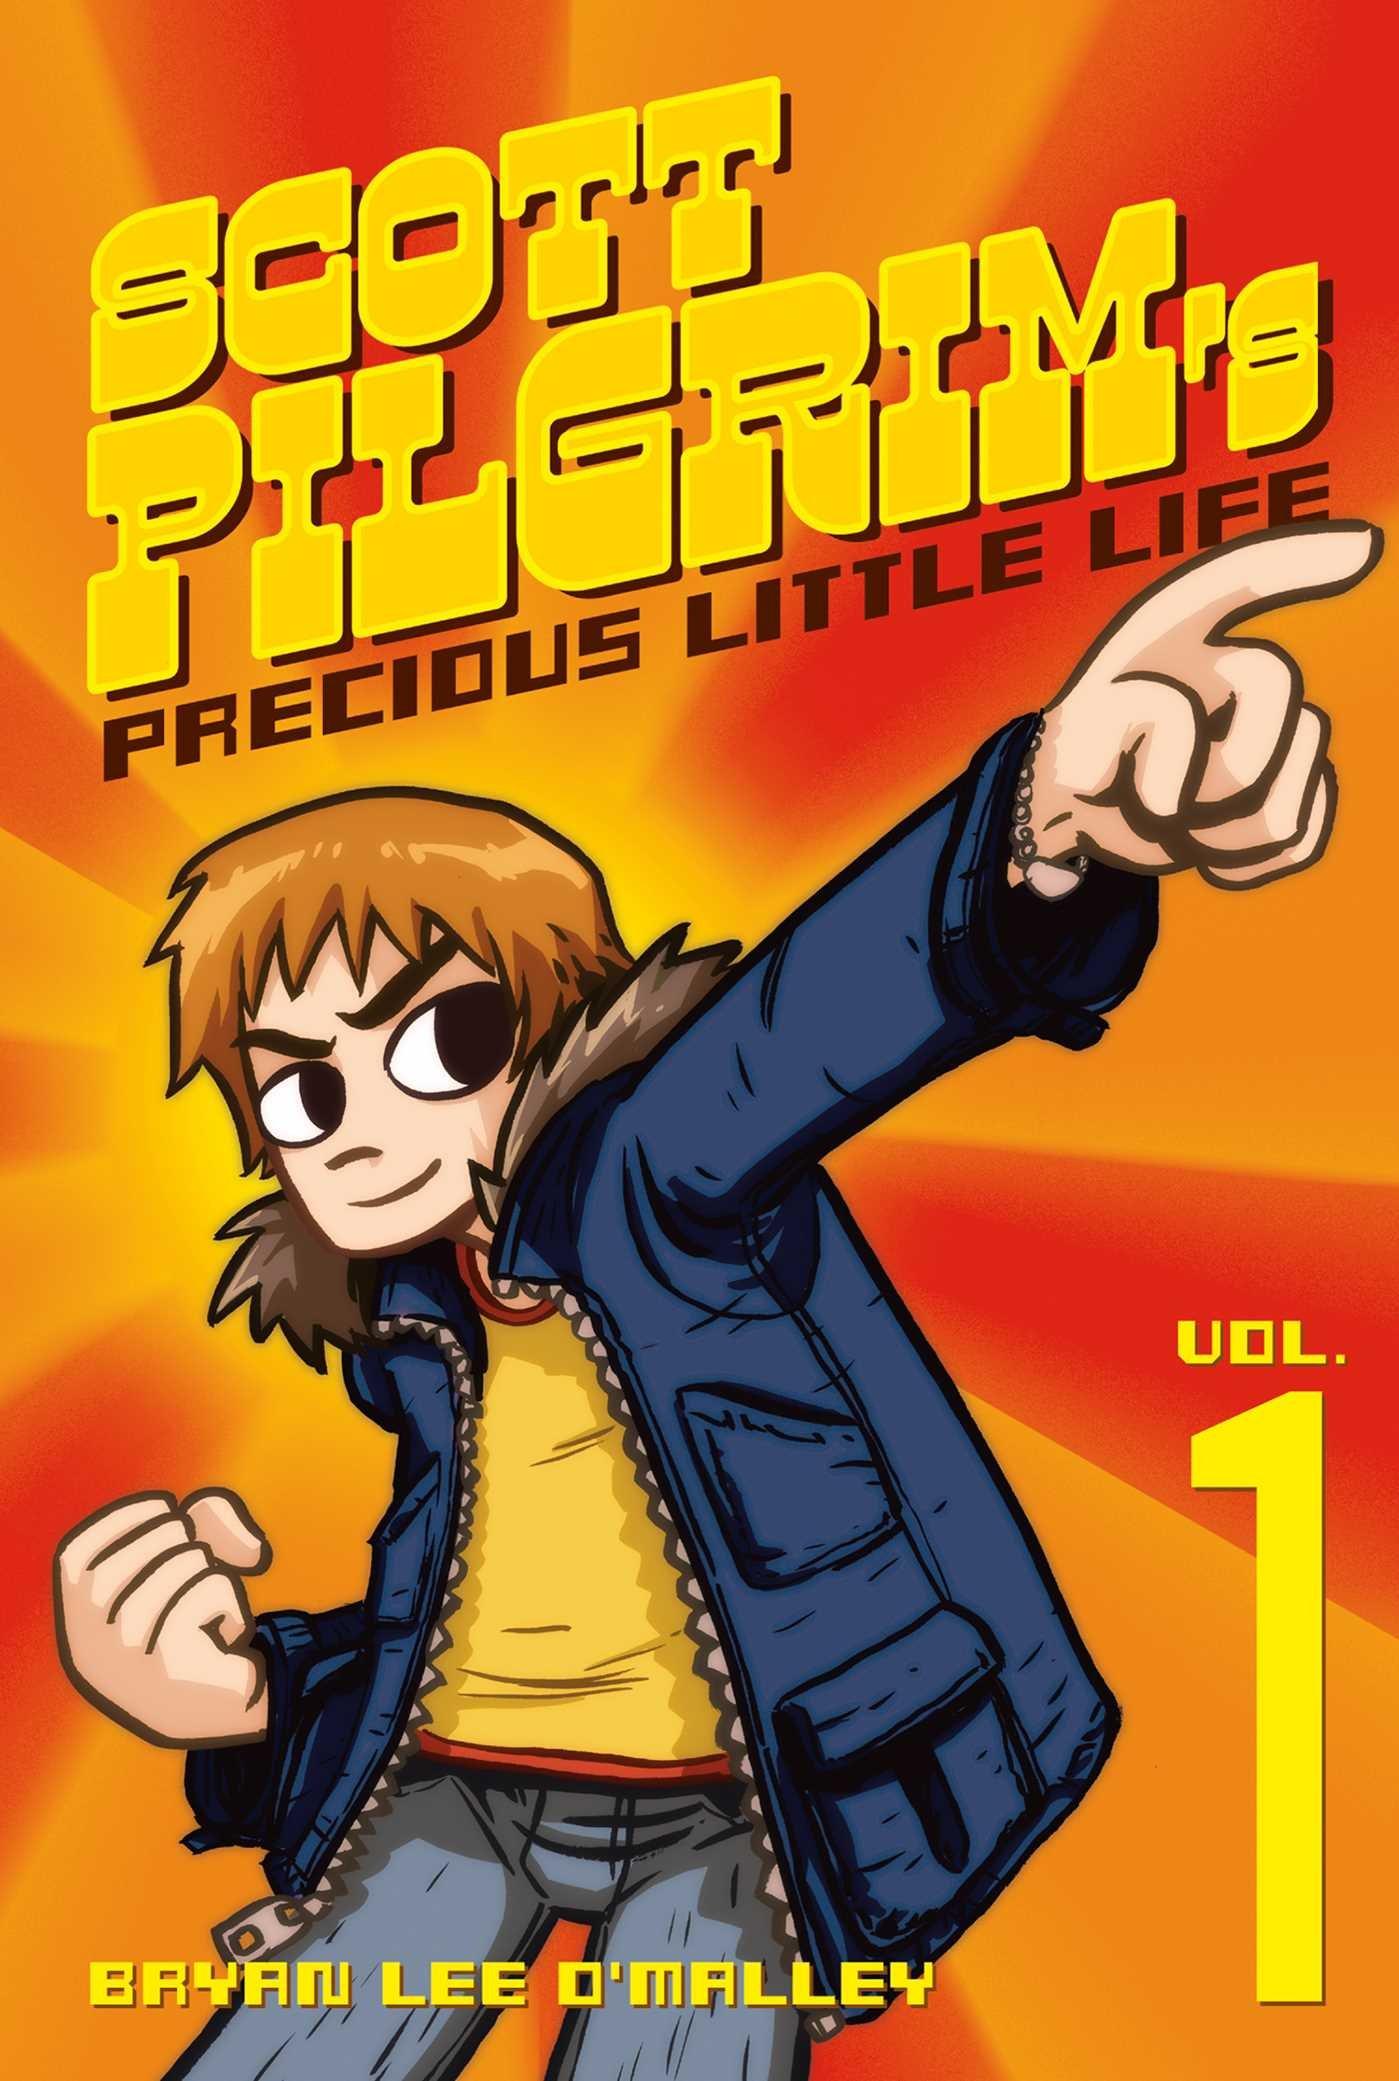 Precious Little Life Copertina rigida Scott Pilgrim 1